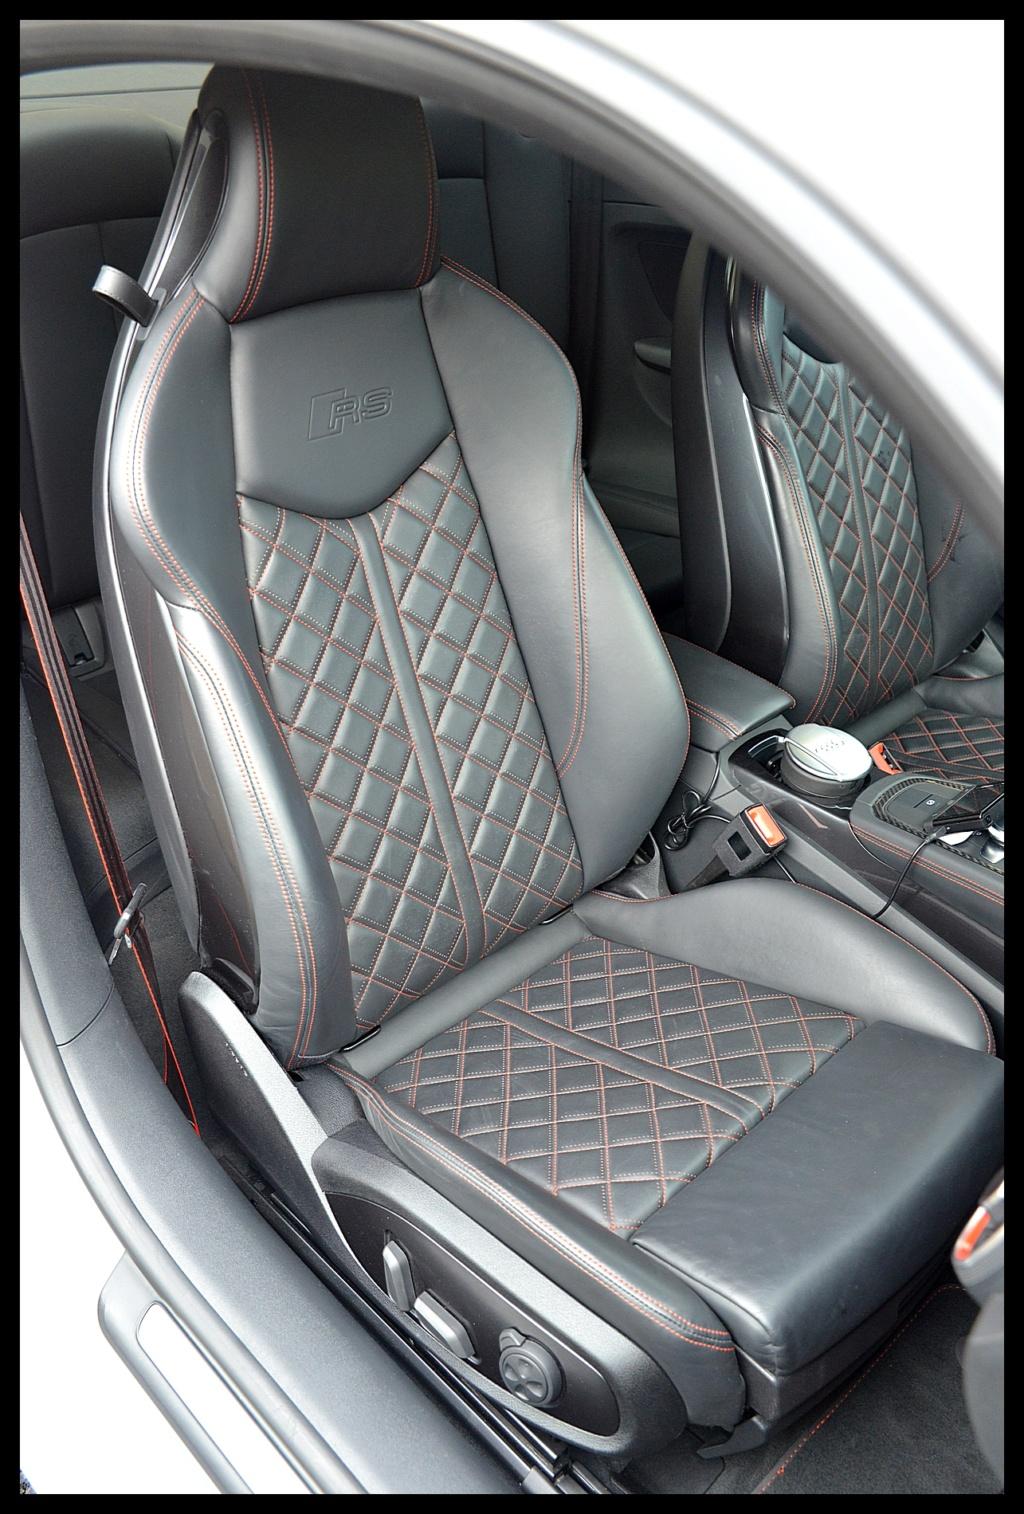 AUDI TTRS MK3 gris nardo  - Page 3 Cha_2922